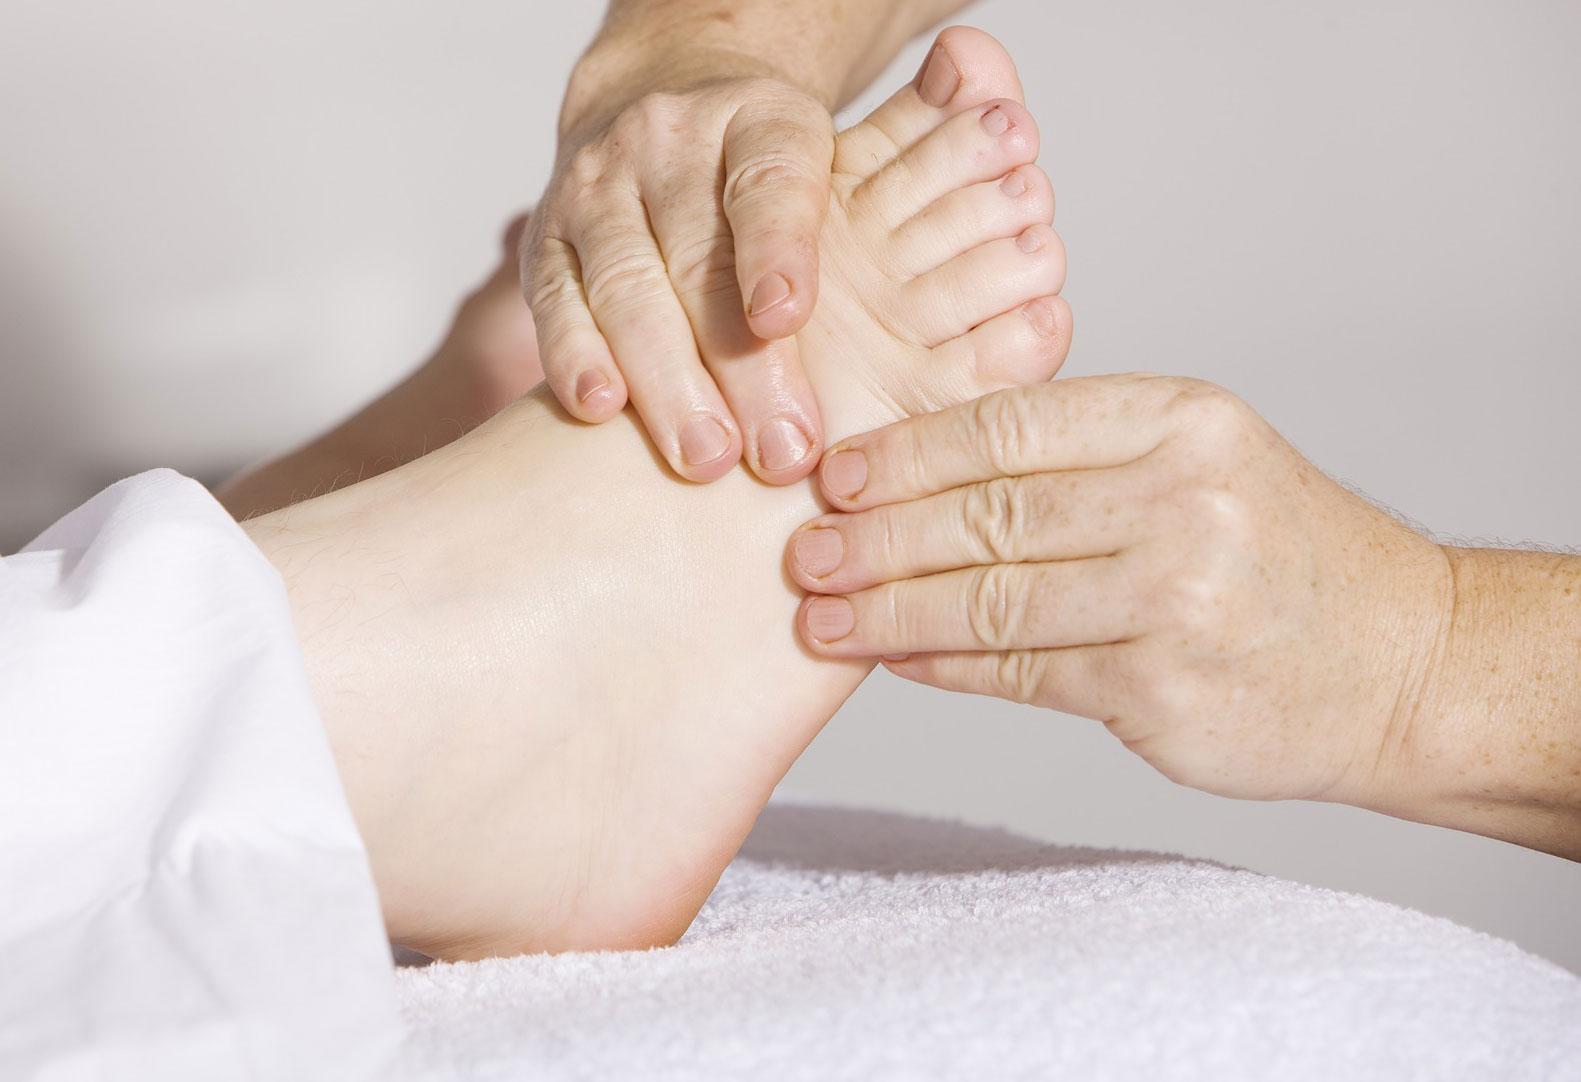 Zoneterapi og fodzonemassage er let at lære